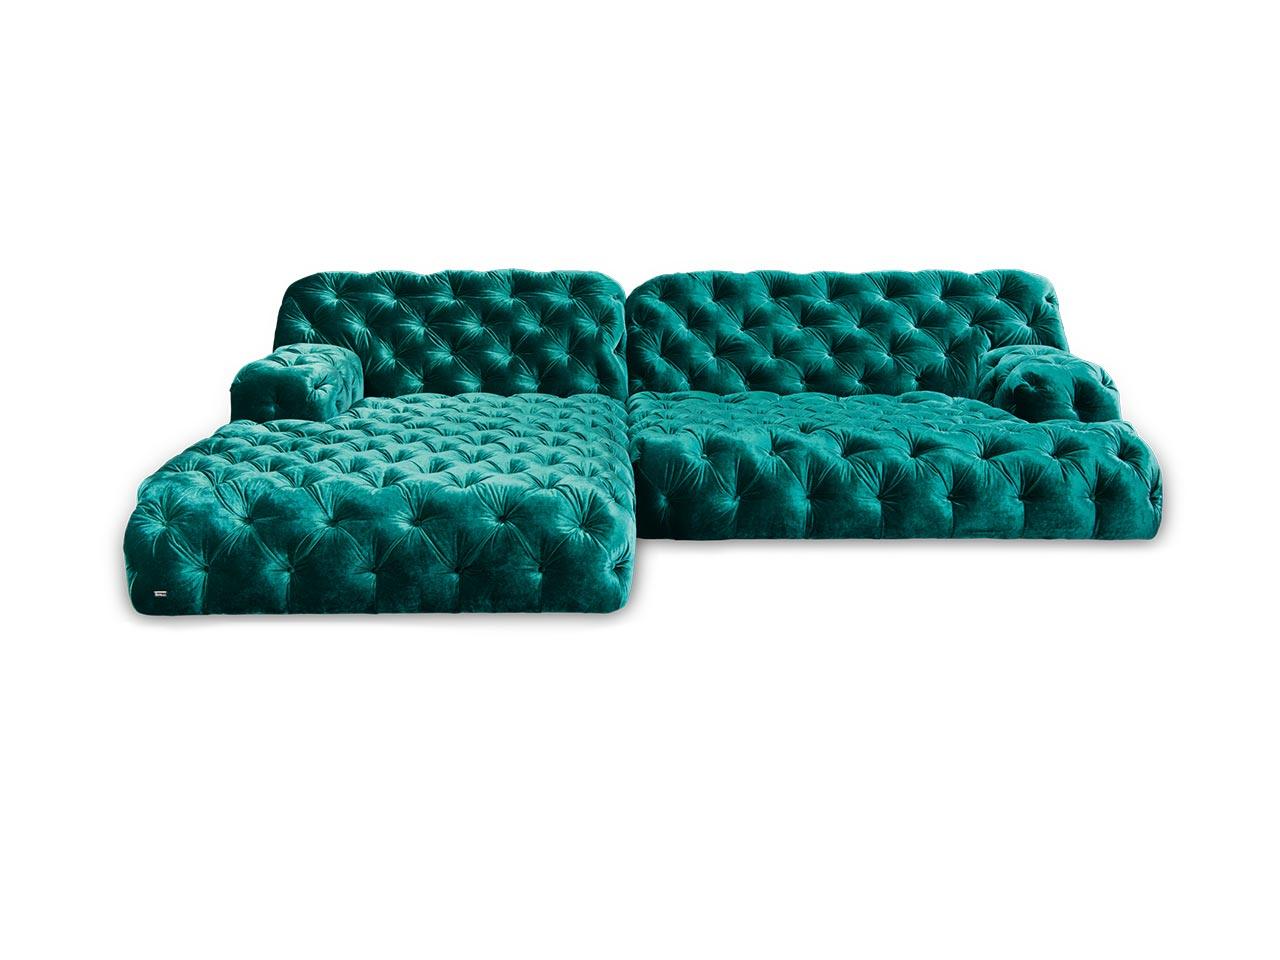 bretz sofa cocoa island smaragd bretz. Black Bedroom Furniture Sets. Home Design Ideas